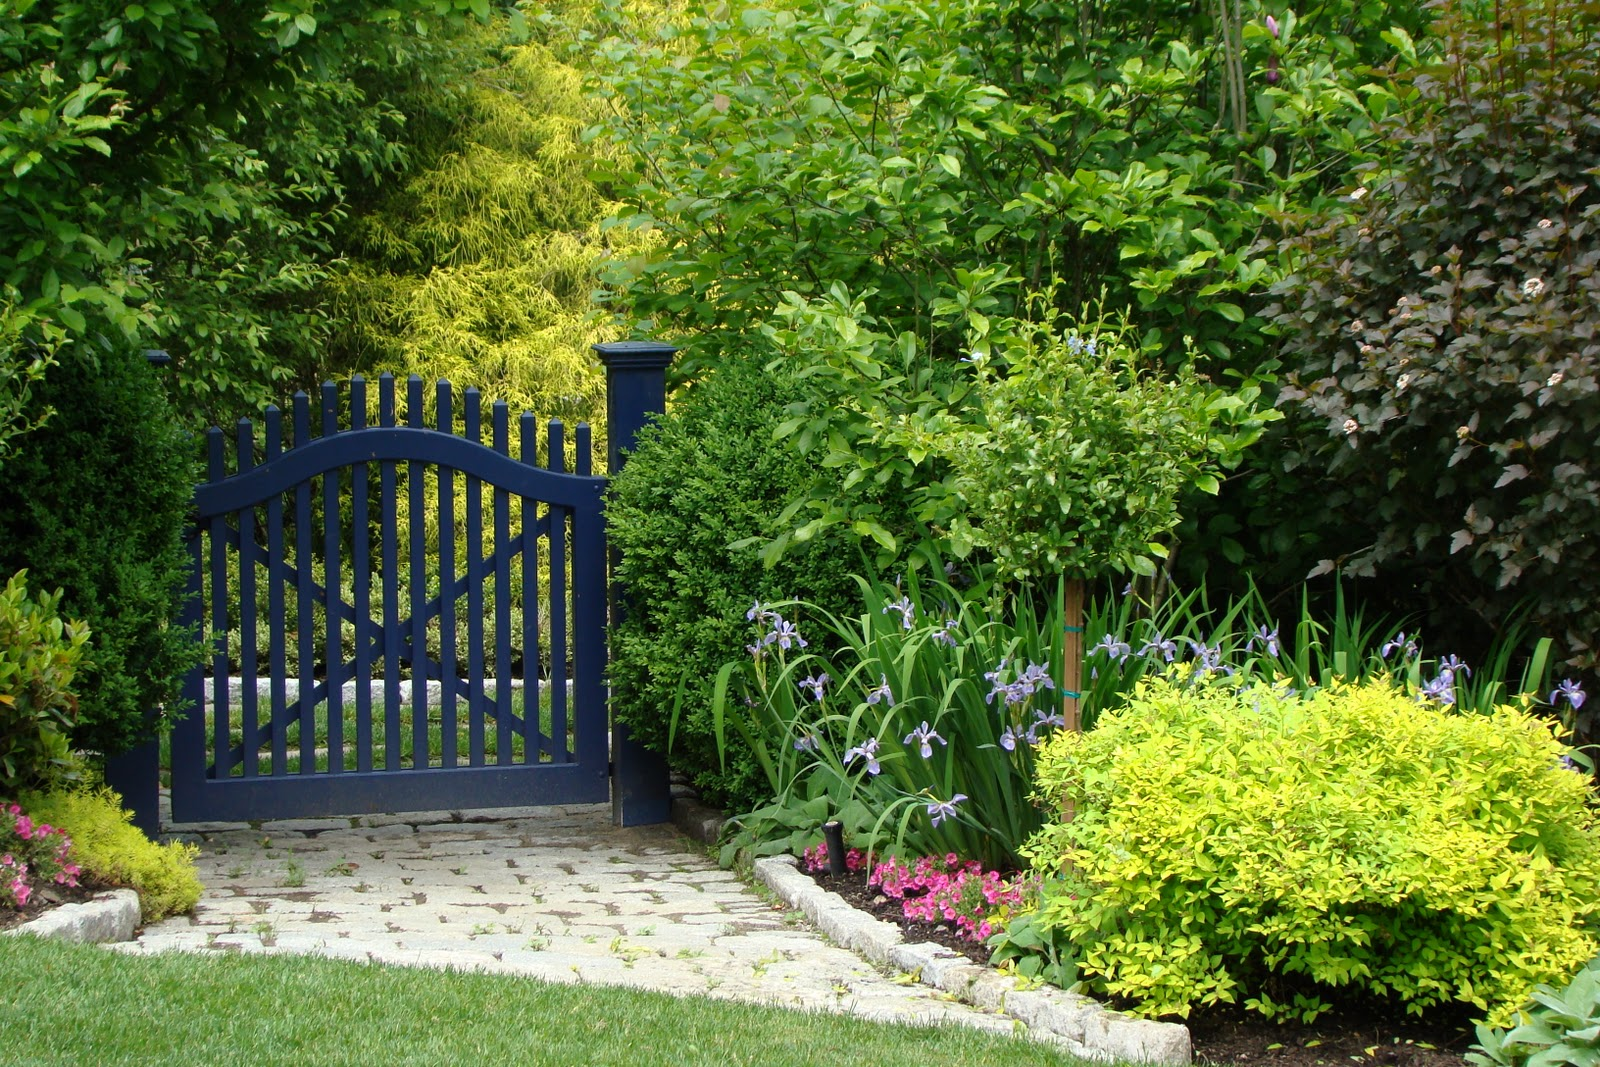 Fine Gardening Magazine Website and my Blue Gate Grass Steps